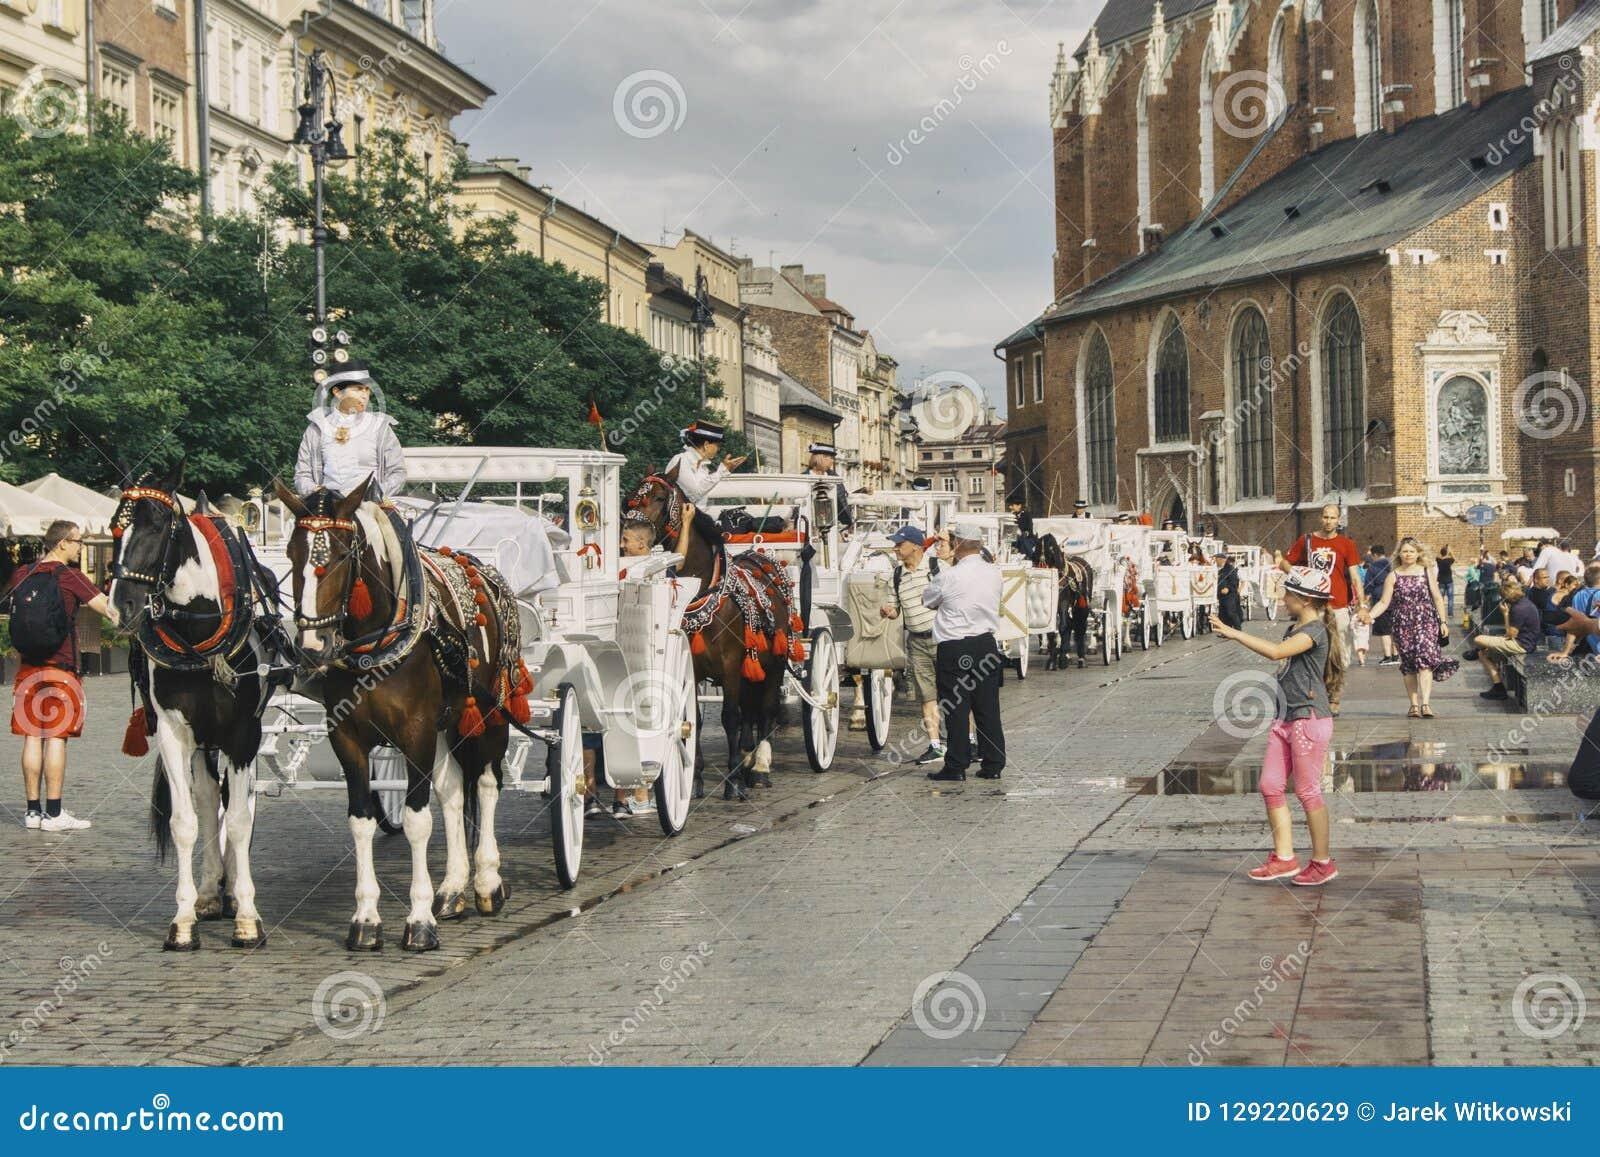 Carrozze bianche per il trasporto dei turisti a Cracovia